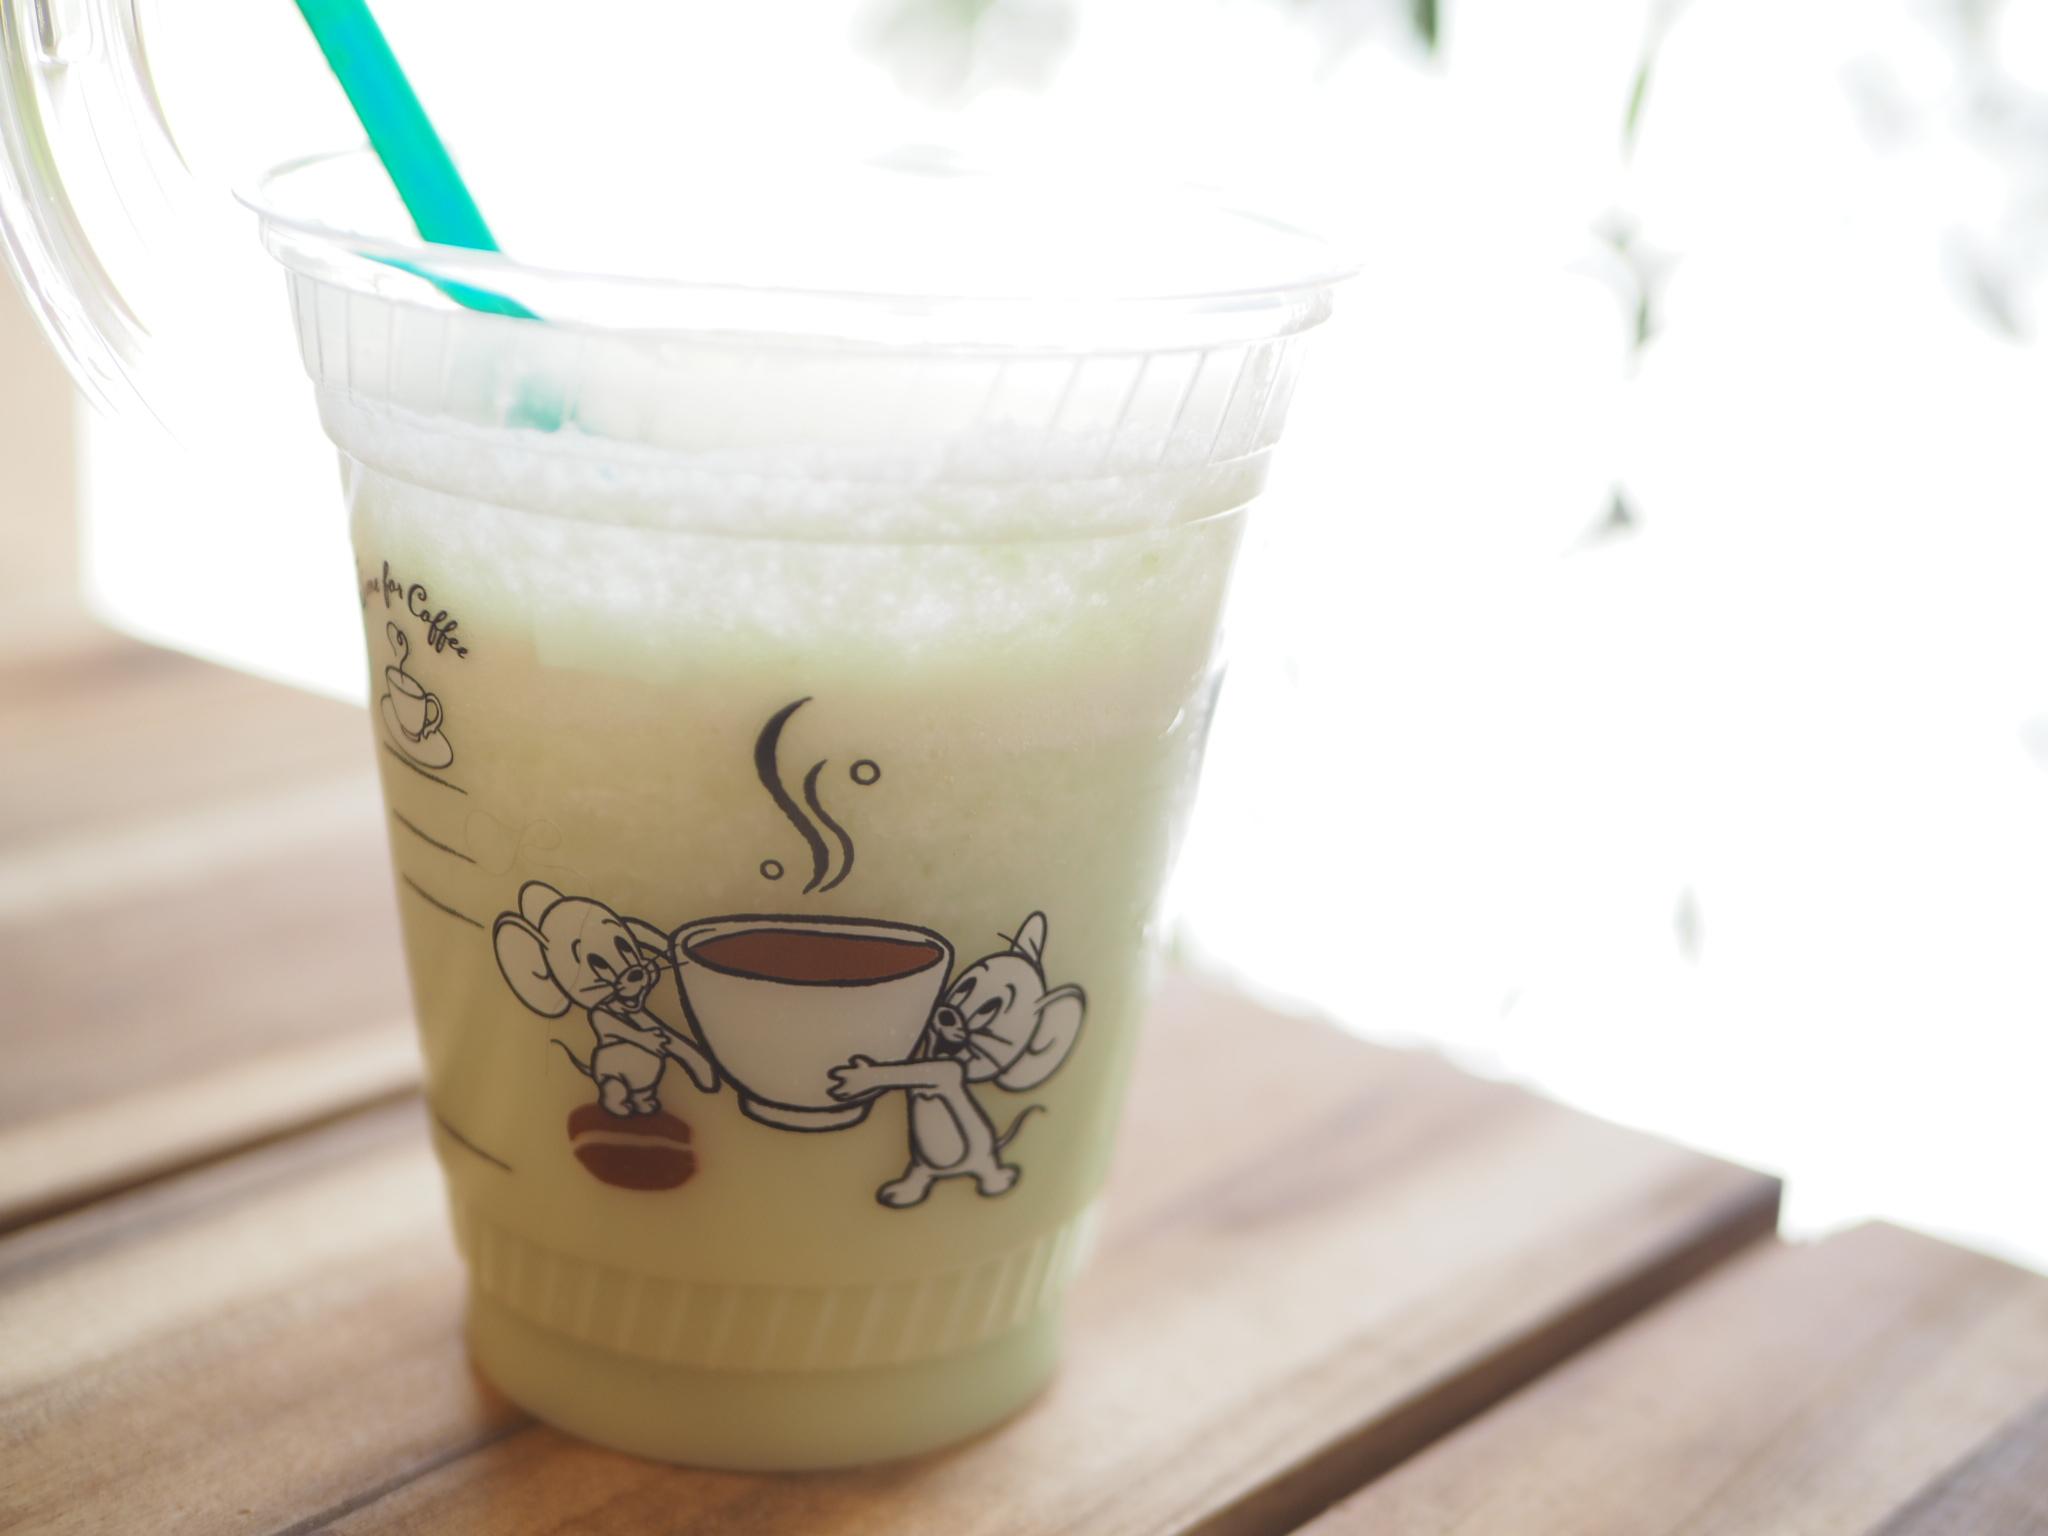 【TULLY'S COFFEE】タリーズ初のメロンドリンク!「メロンヨーグルトスワークル」を飲んでみました★_5